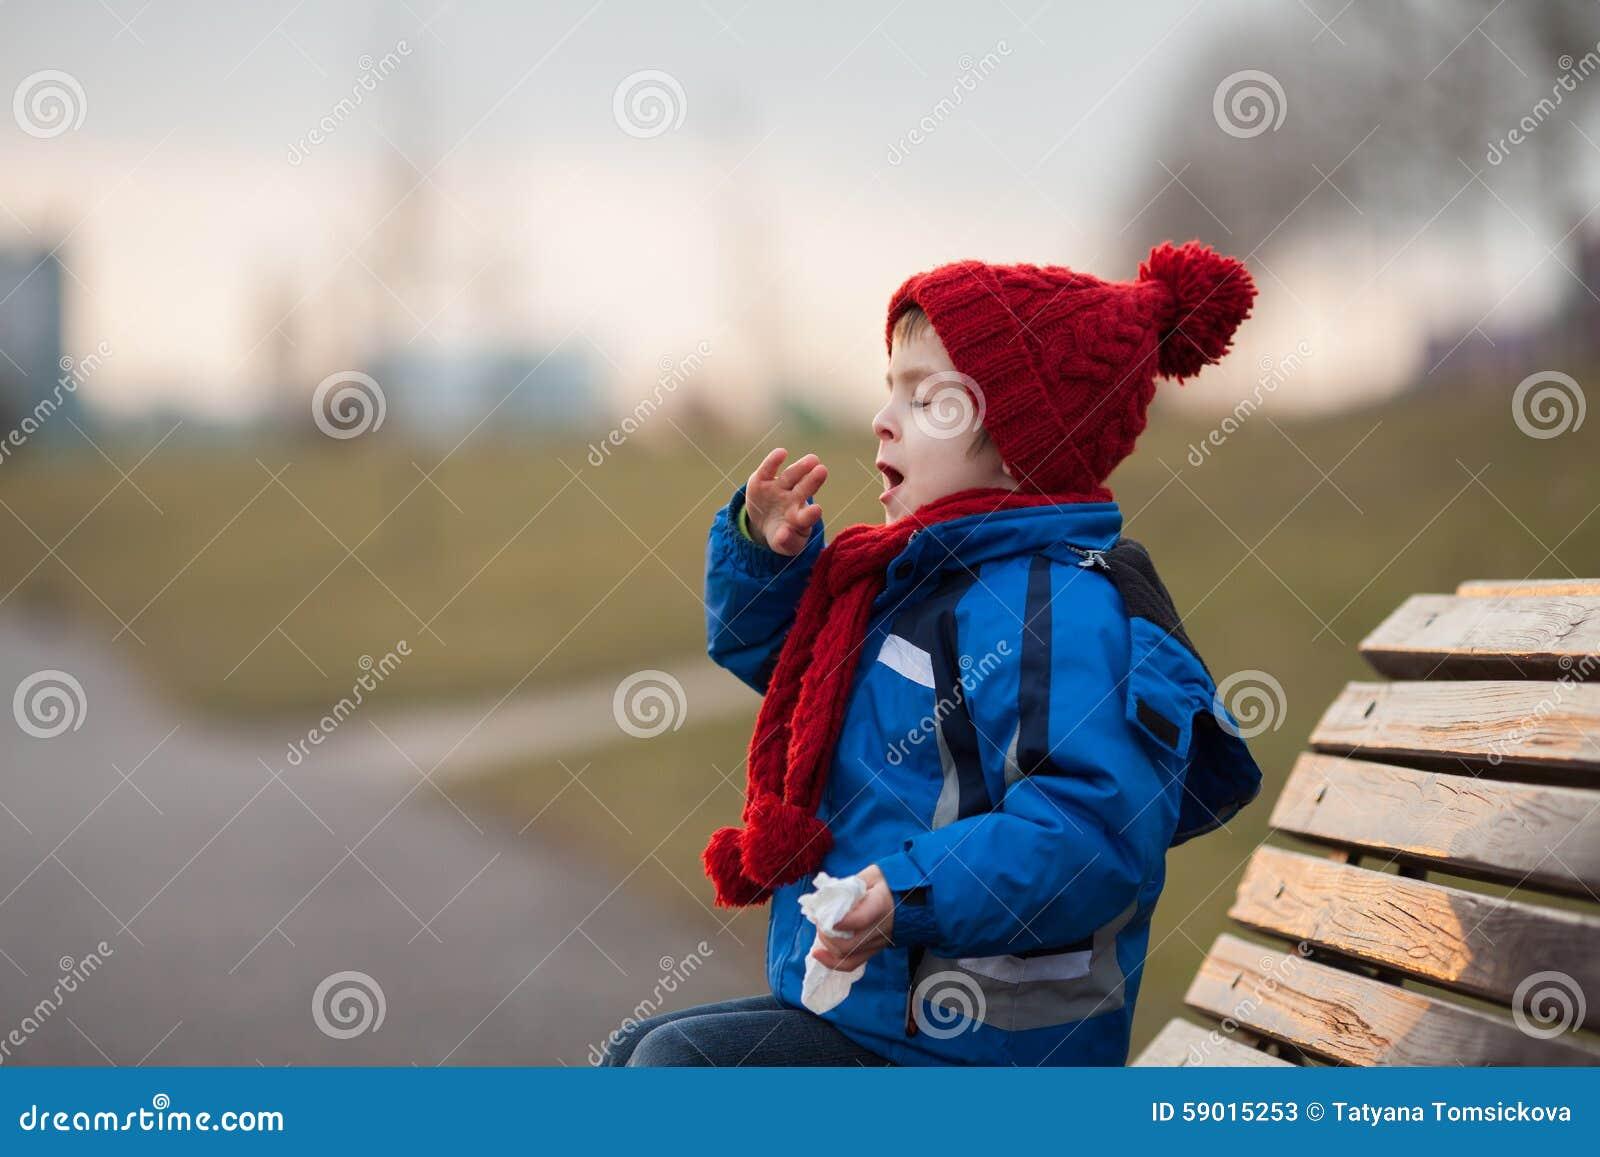 Ni o peque o estornudando y soplando su nariz al aire - Foto nino pequeno ...